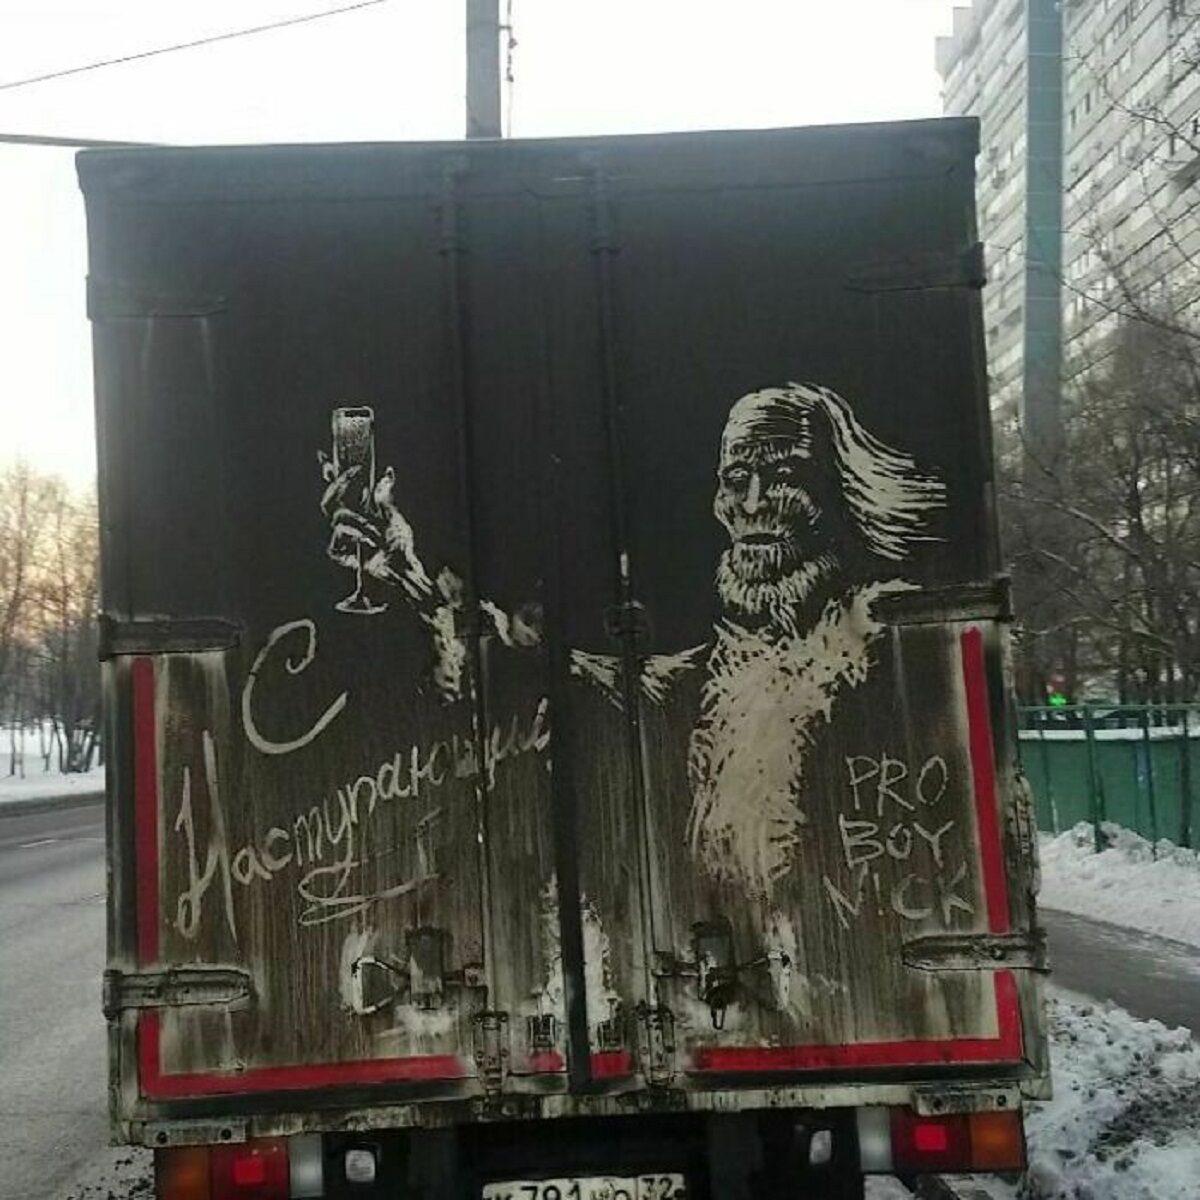 Nikita Golubev artista russa cria desenhos incriveis em caminhoes e tecnica chama atencao 29